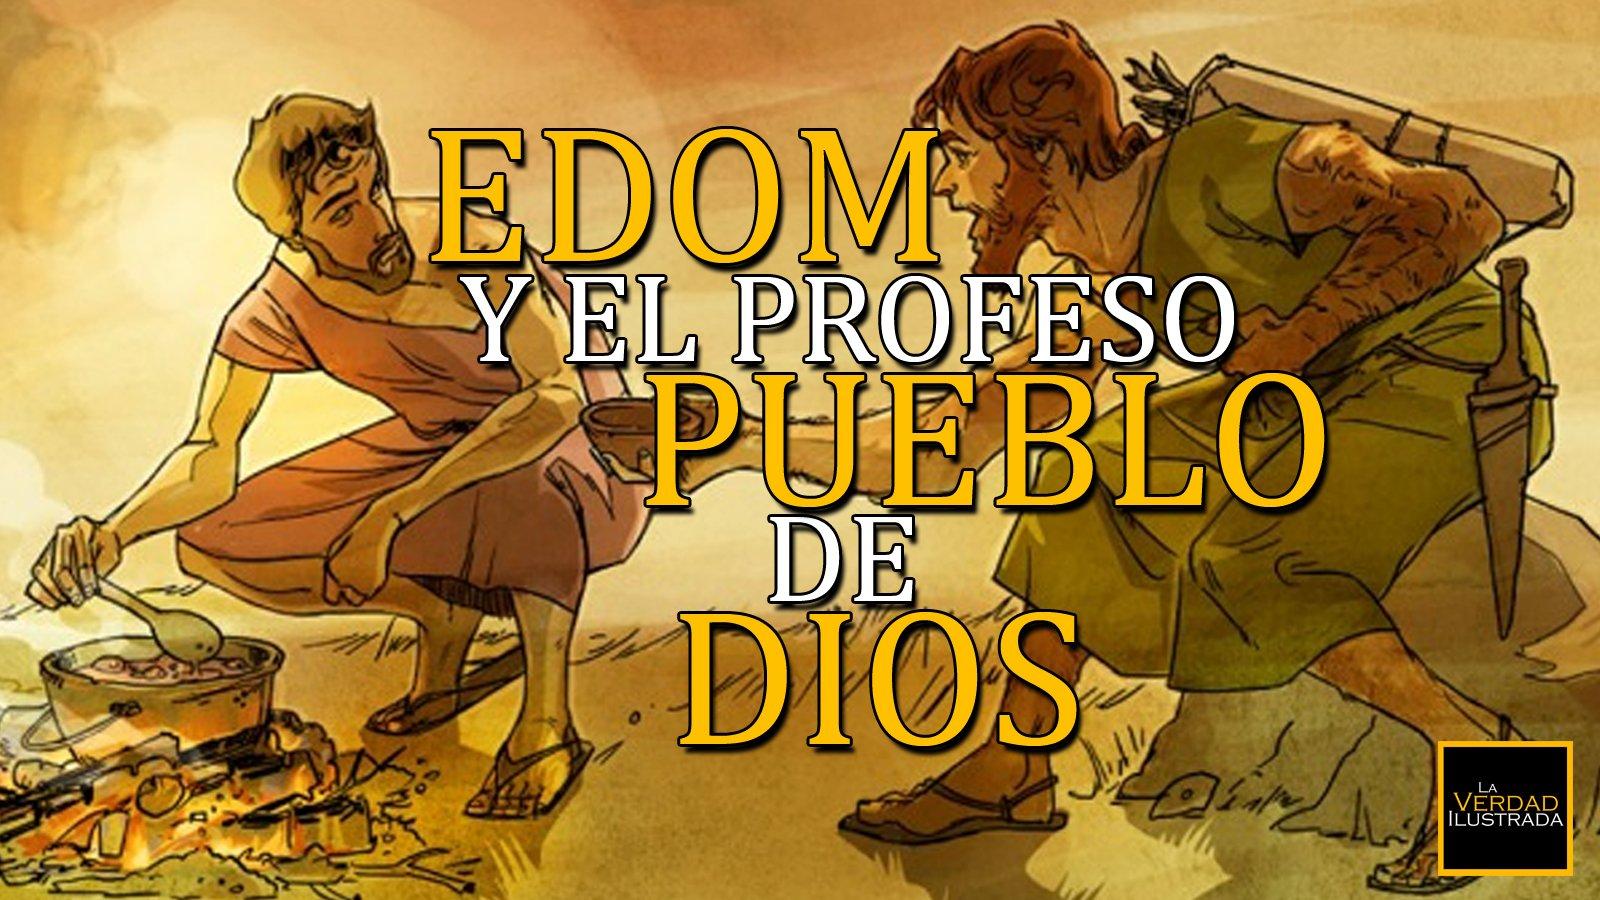 Edom y el profeso pueblo de Dios